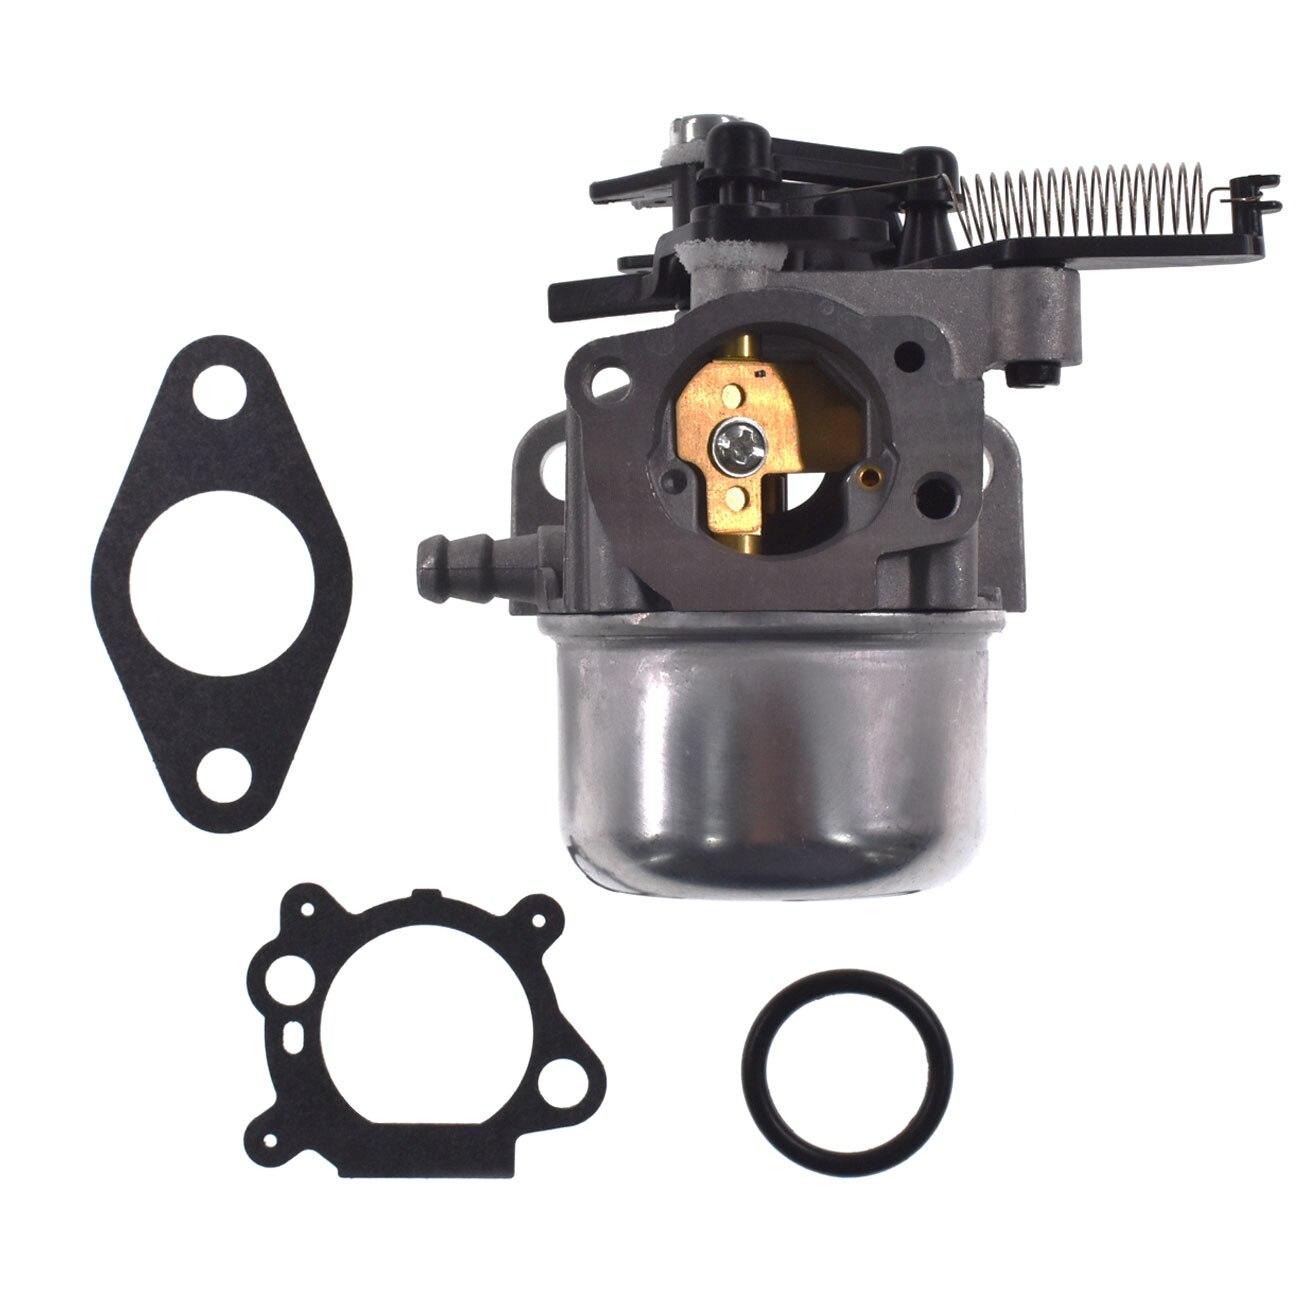 Carburetor Fit Briggs And Stratton 796608 699815 For 111000 11P000 121000 12Q000